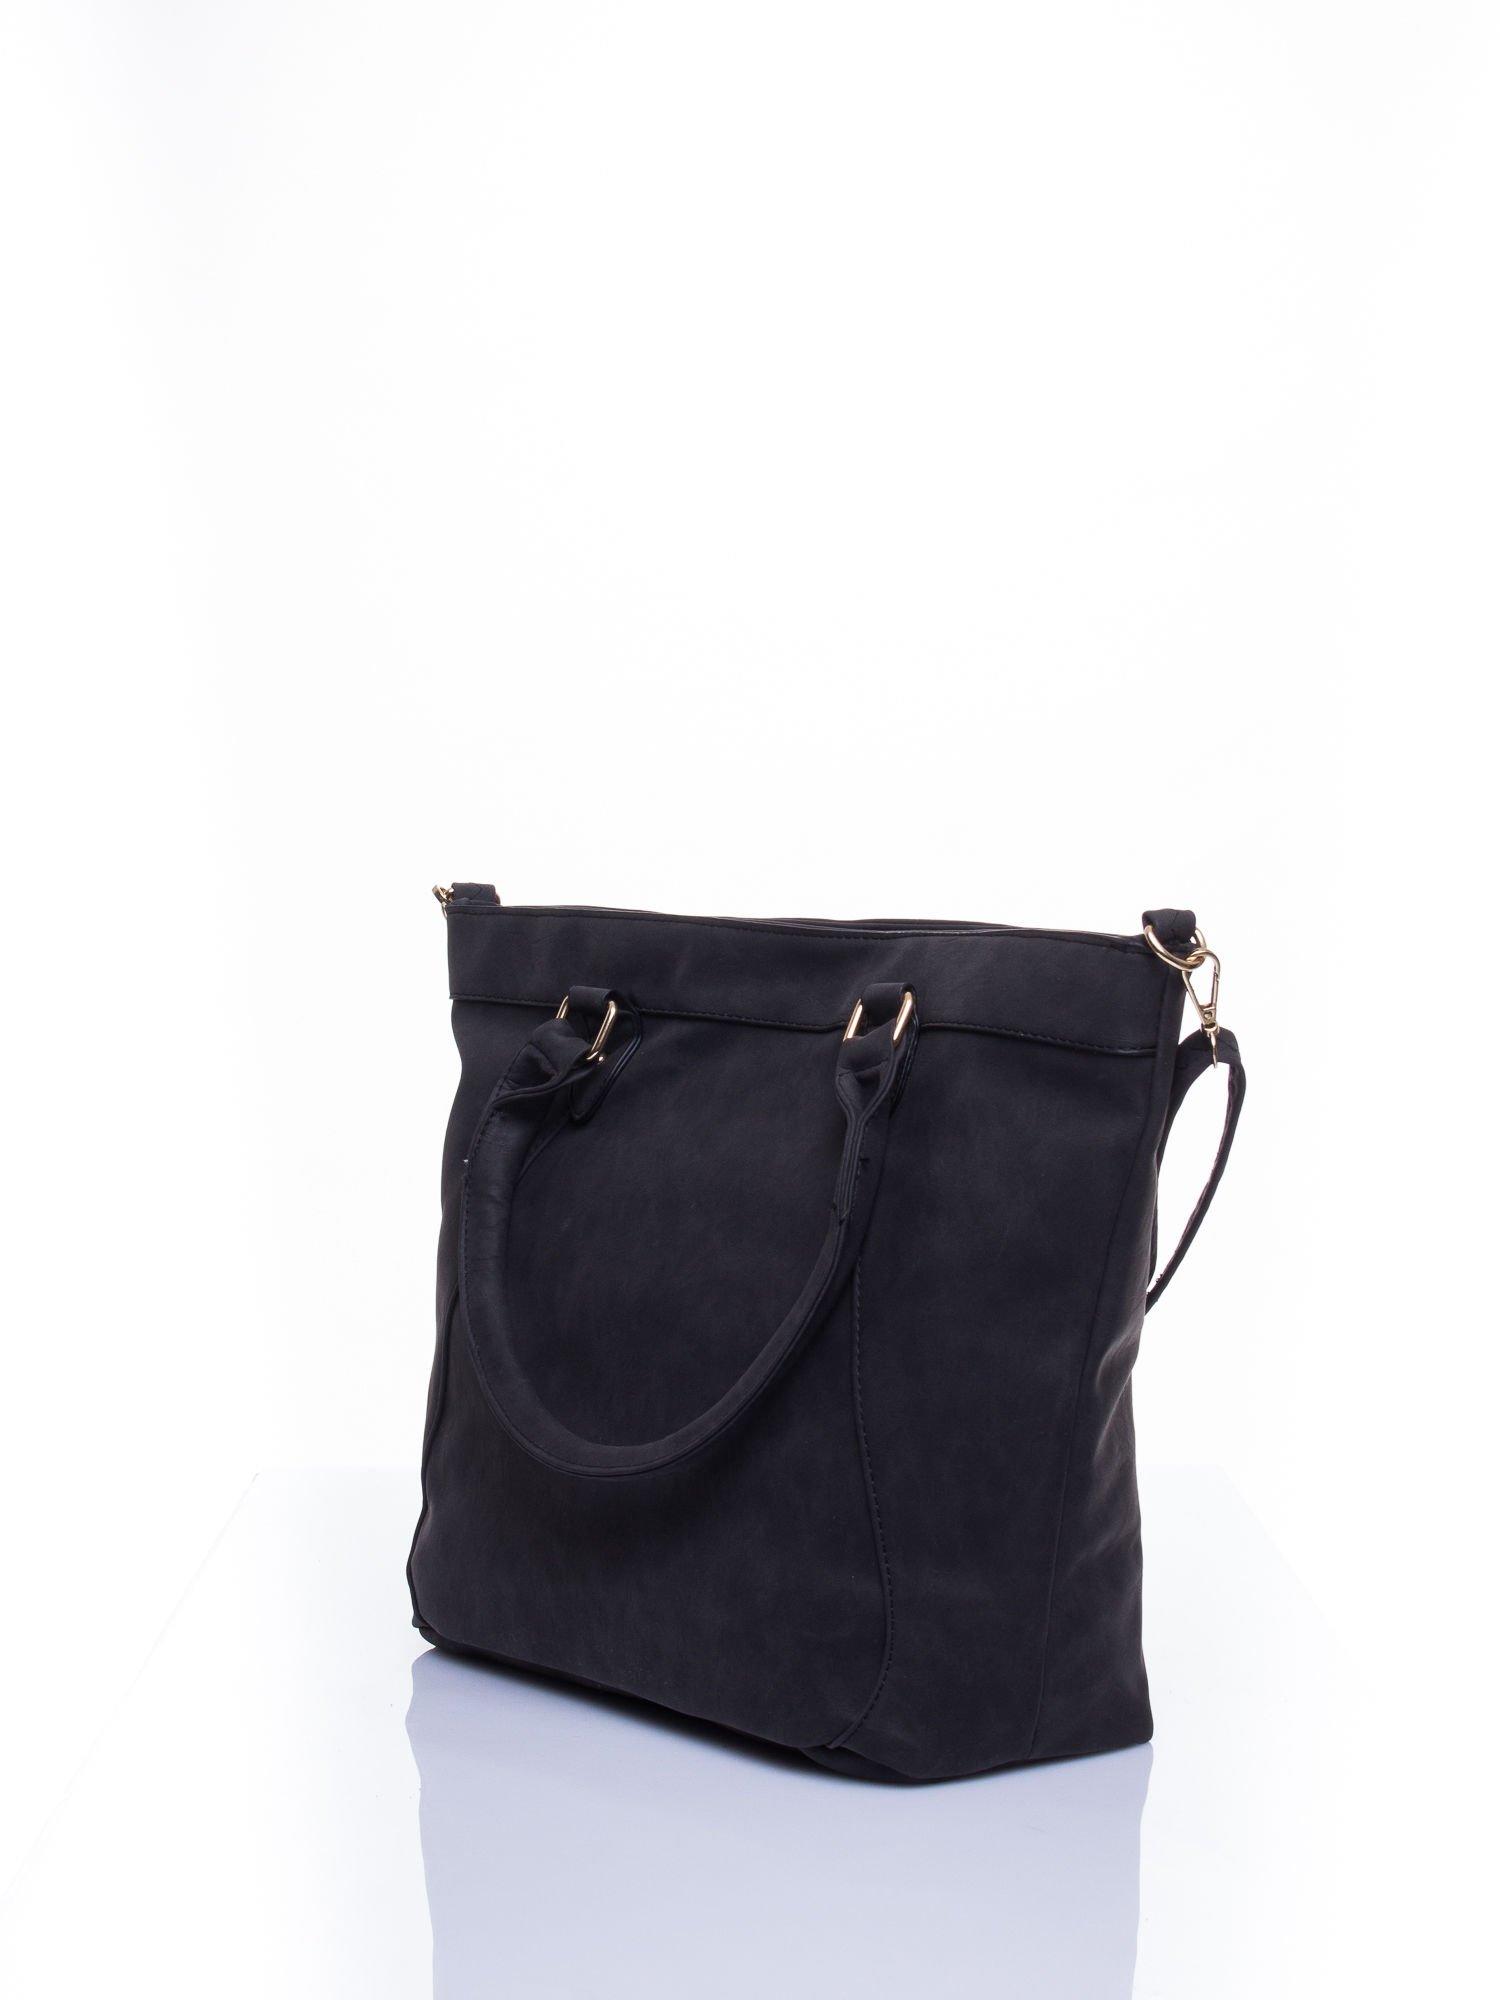 Czarna torba city bag na ramię                                  zdj.                                  3